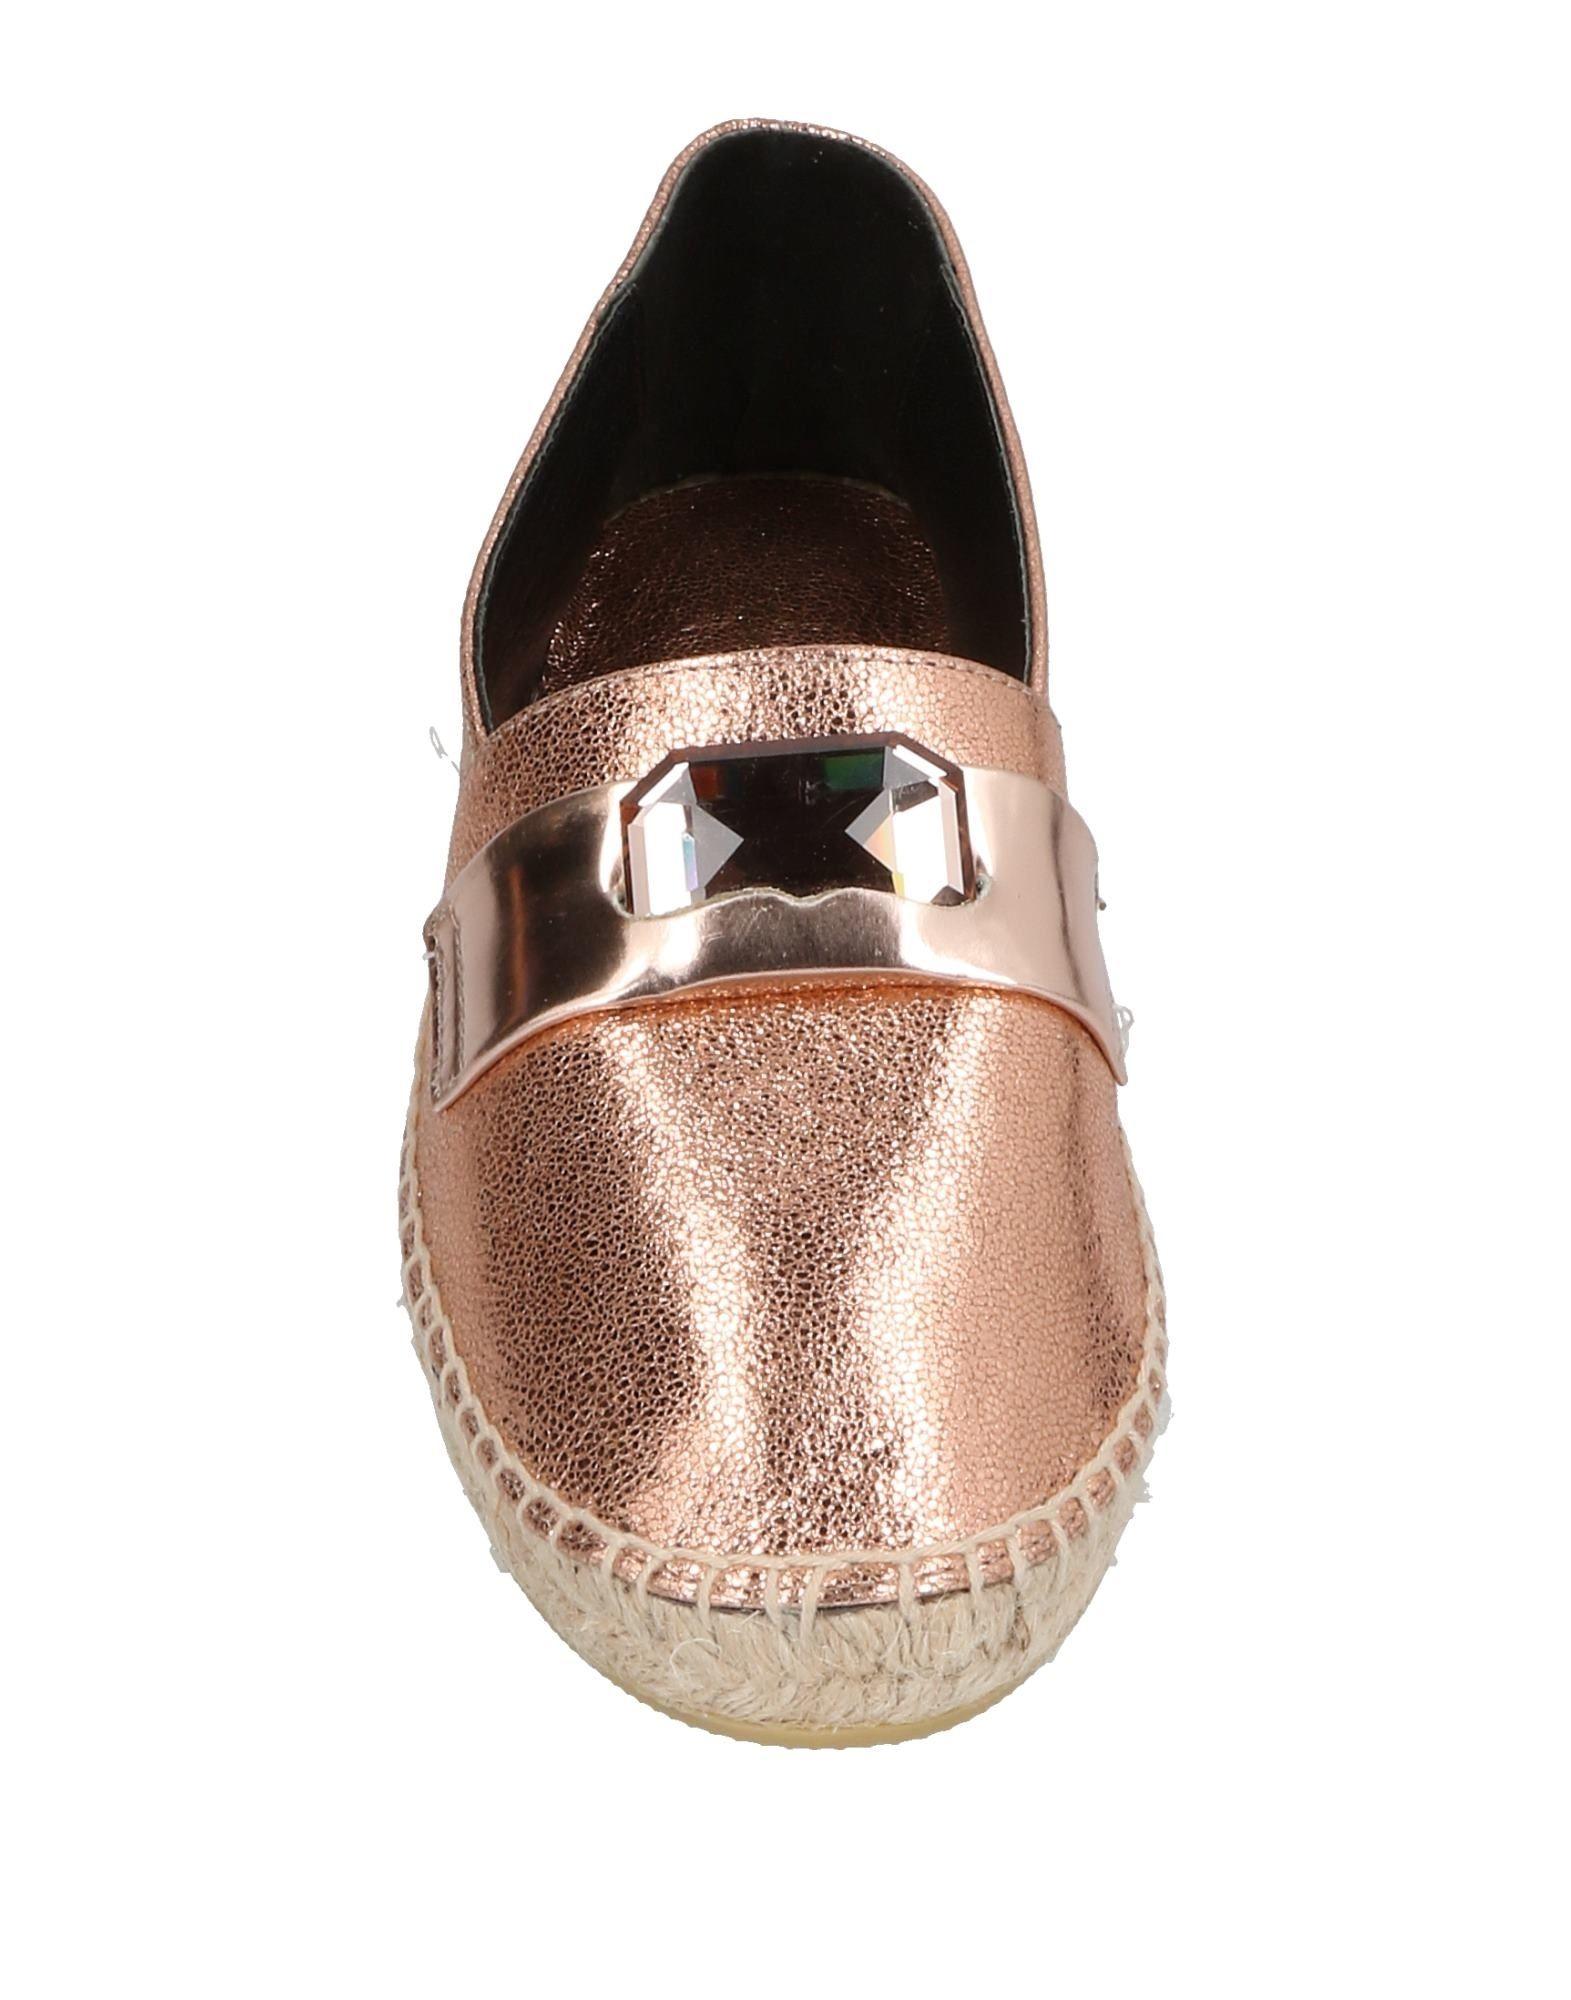 Robert Clergerie Espadrilles 11441972BE Damen  11441972BE Espadrilles Neue Schuhe 5d2872